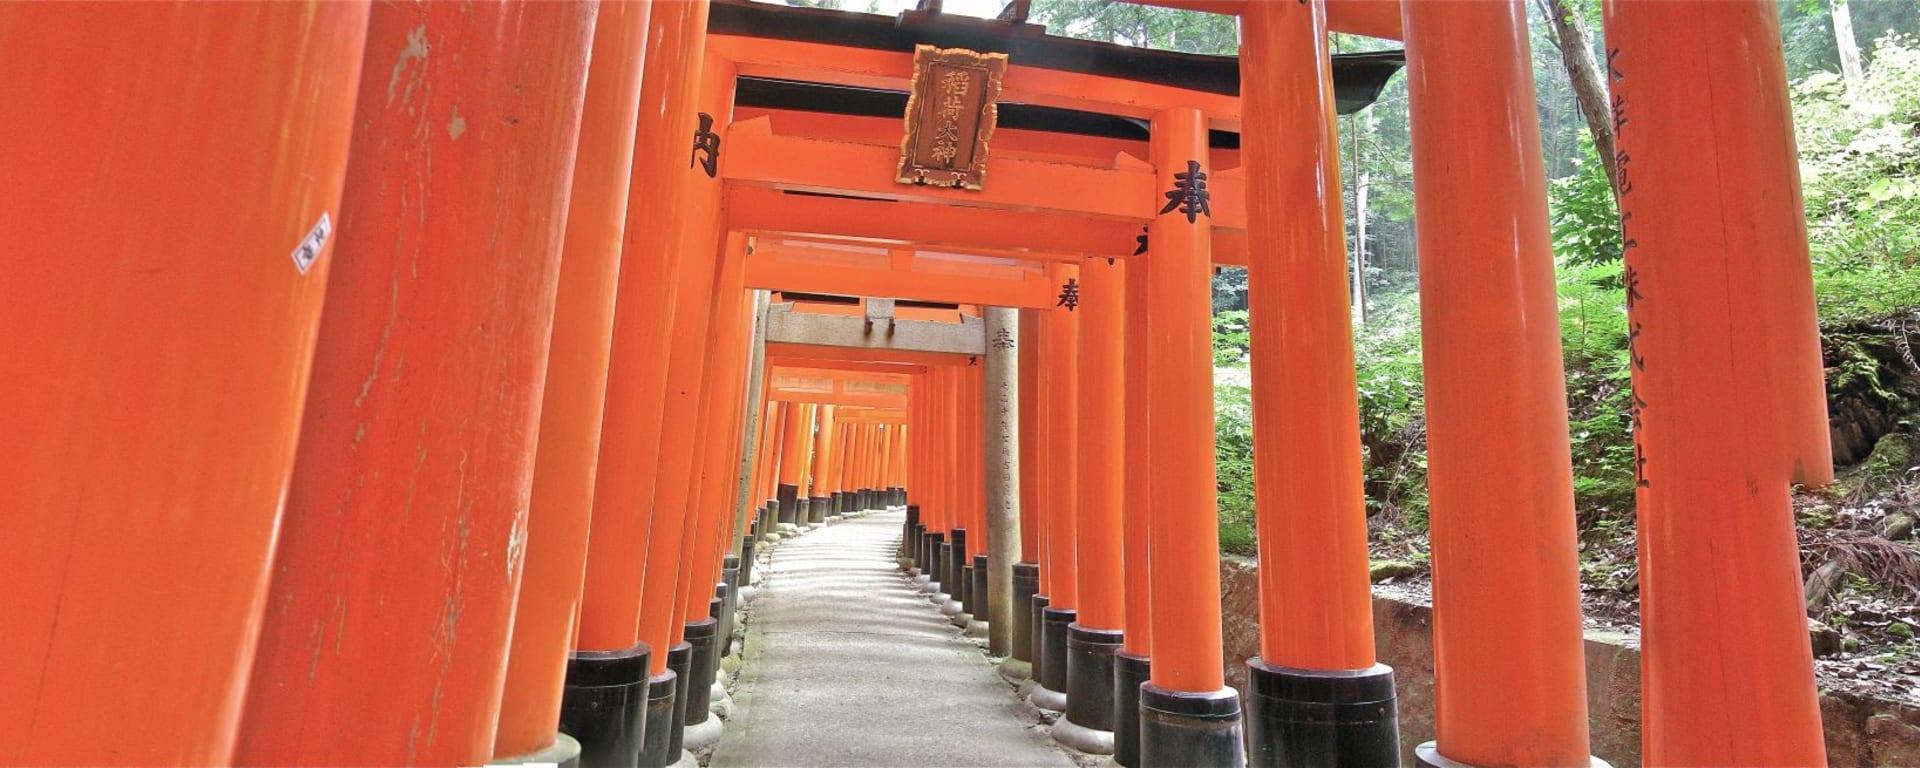 Au pays du soleil levant de Tokyo: Kyoto Torii Gates